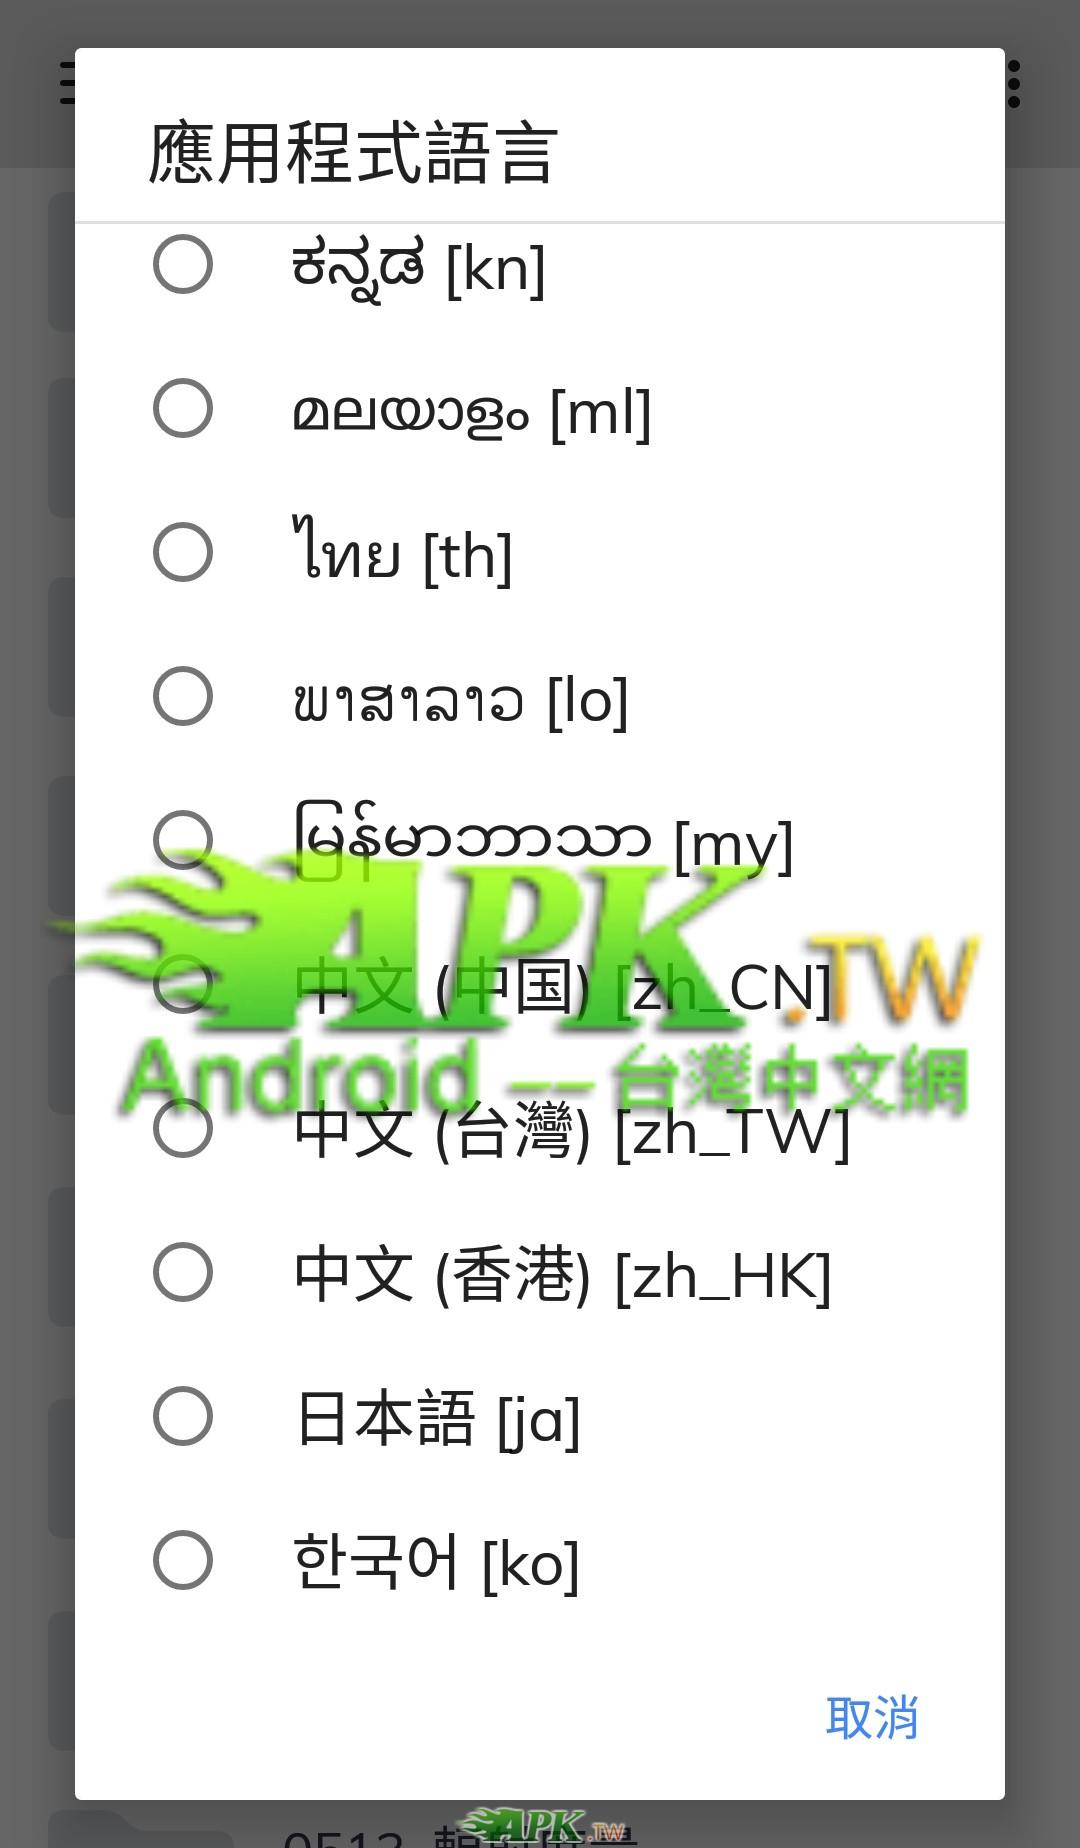 MX_Player__2.jpg